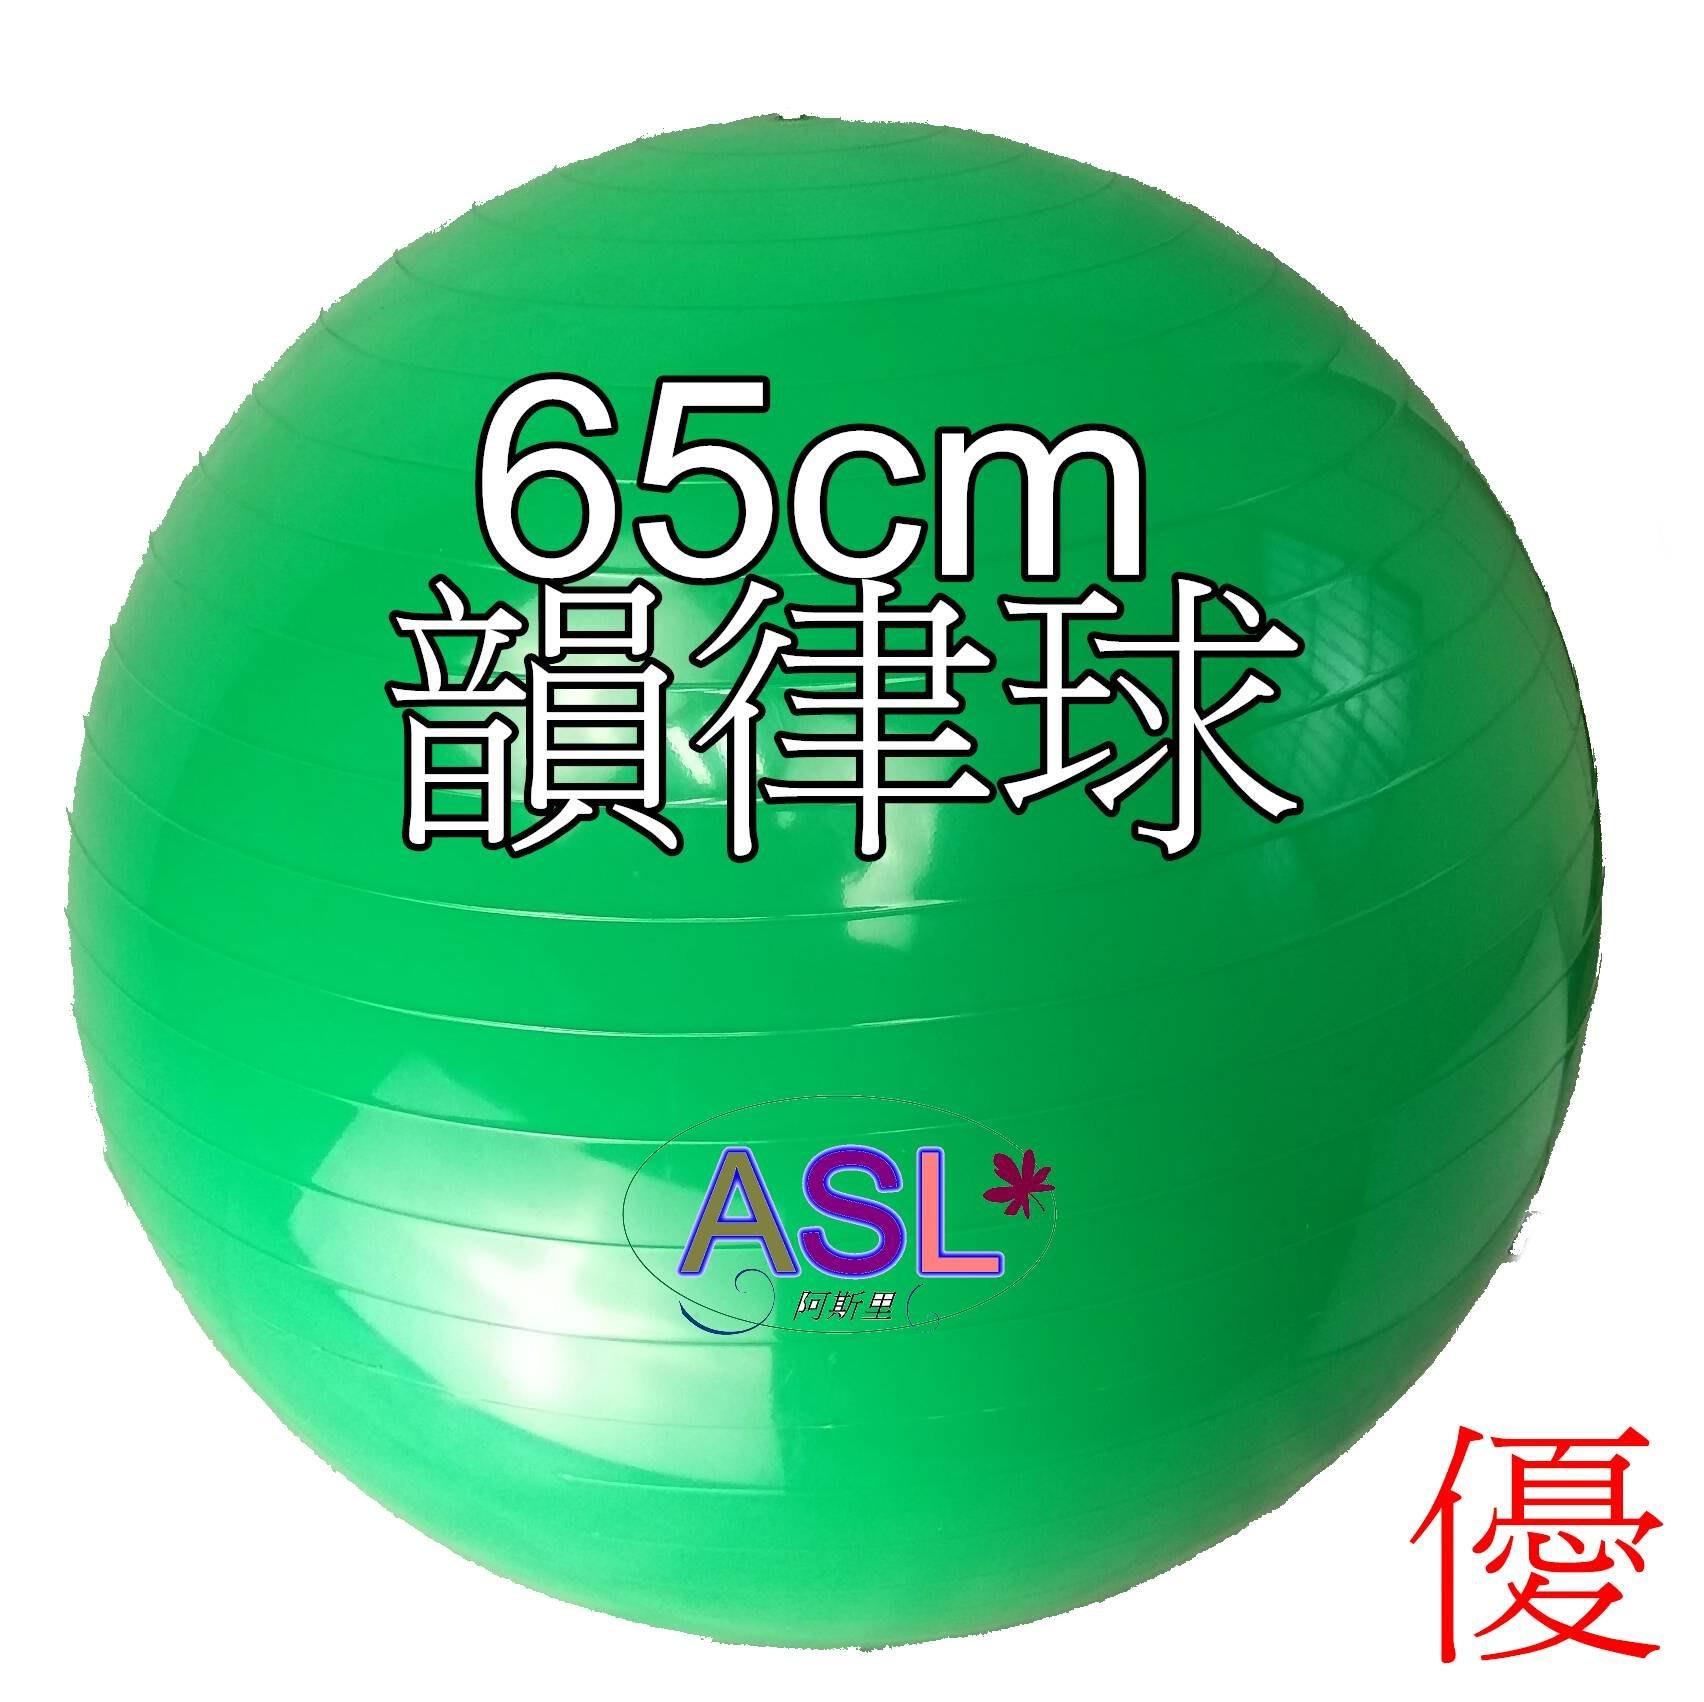 65cm 韻律瑜珈球 滾球 小球 大球 小人大還都可使用 絕佳好品推薦